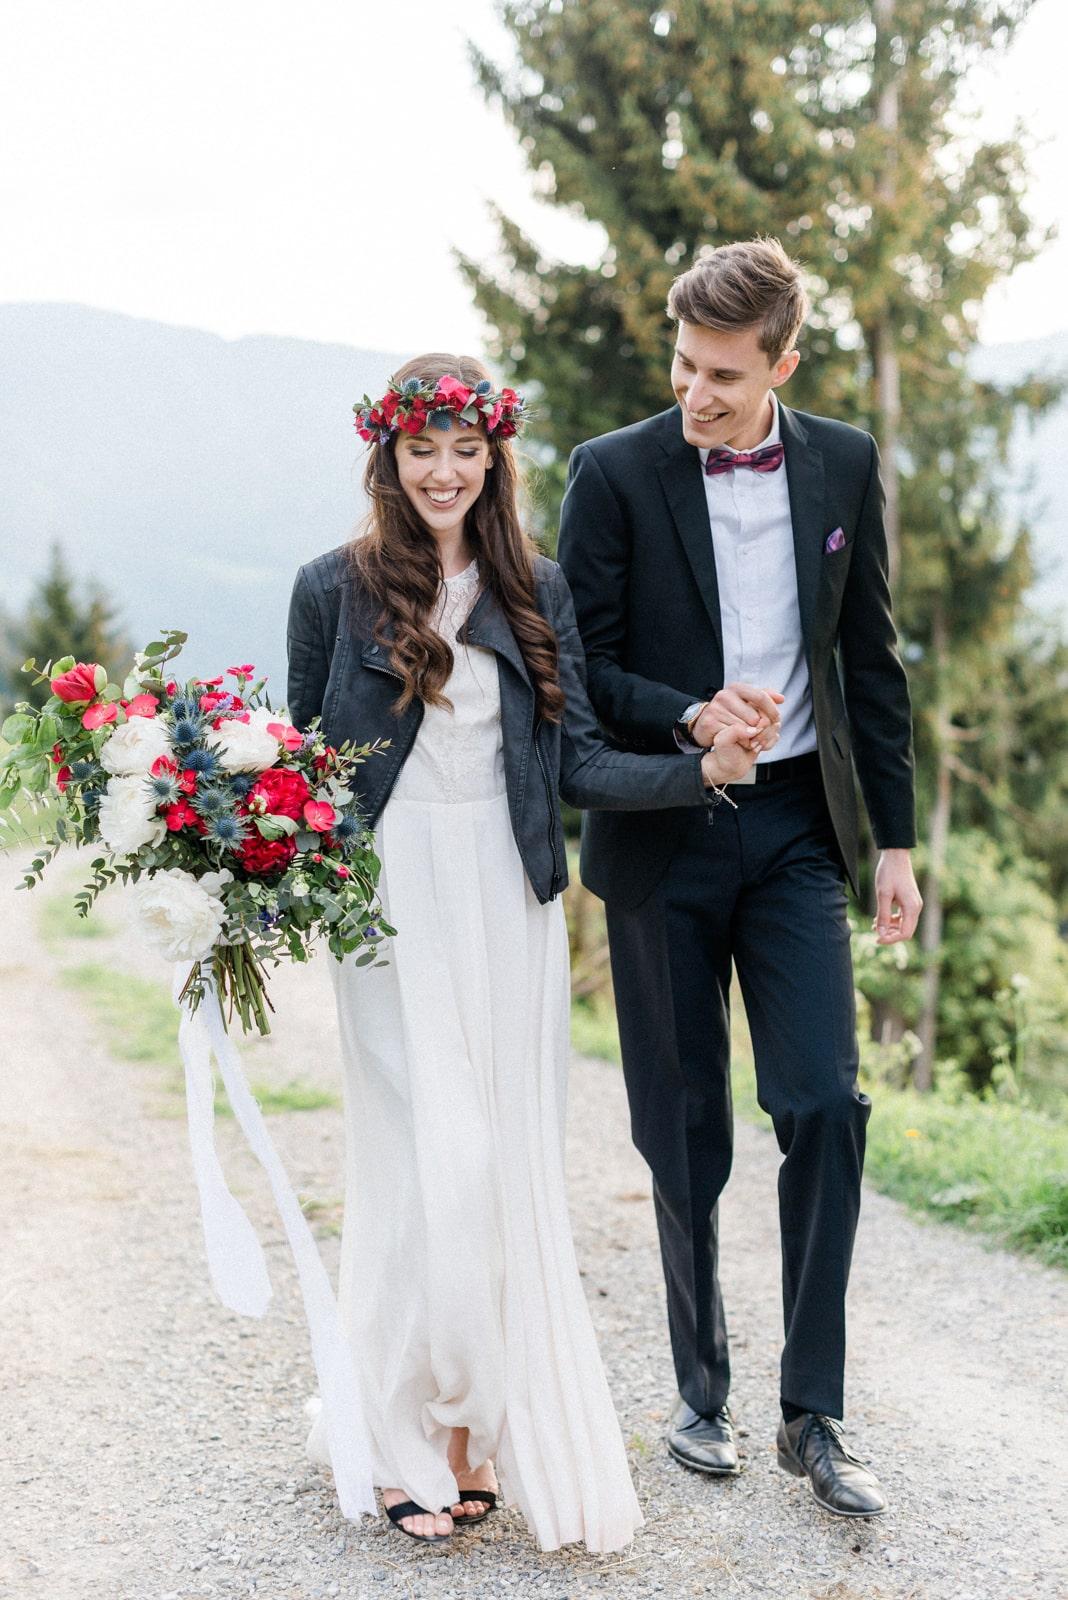 Brautpaar läuft mit Hochzeitsstraus und Blumen in den Haaren gemeinsam zur Hochzeitslocation